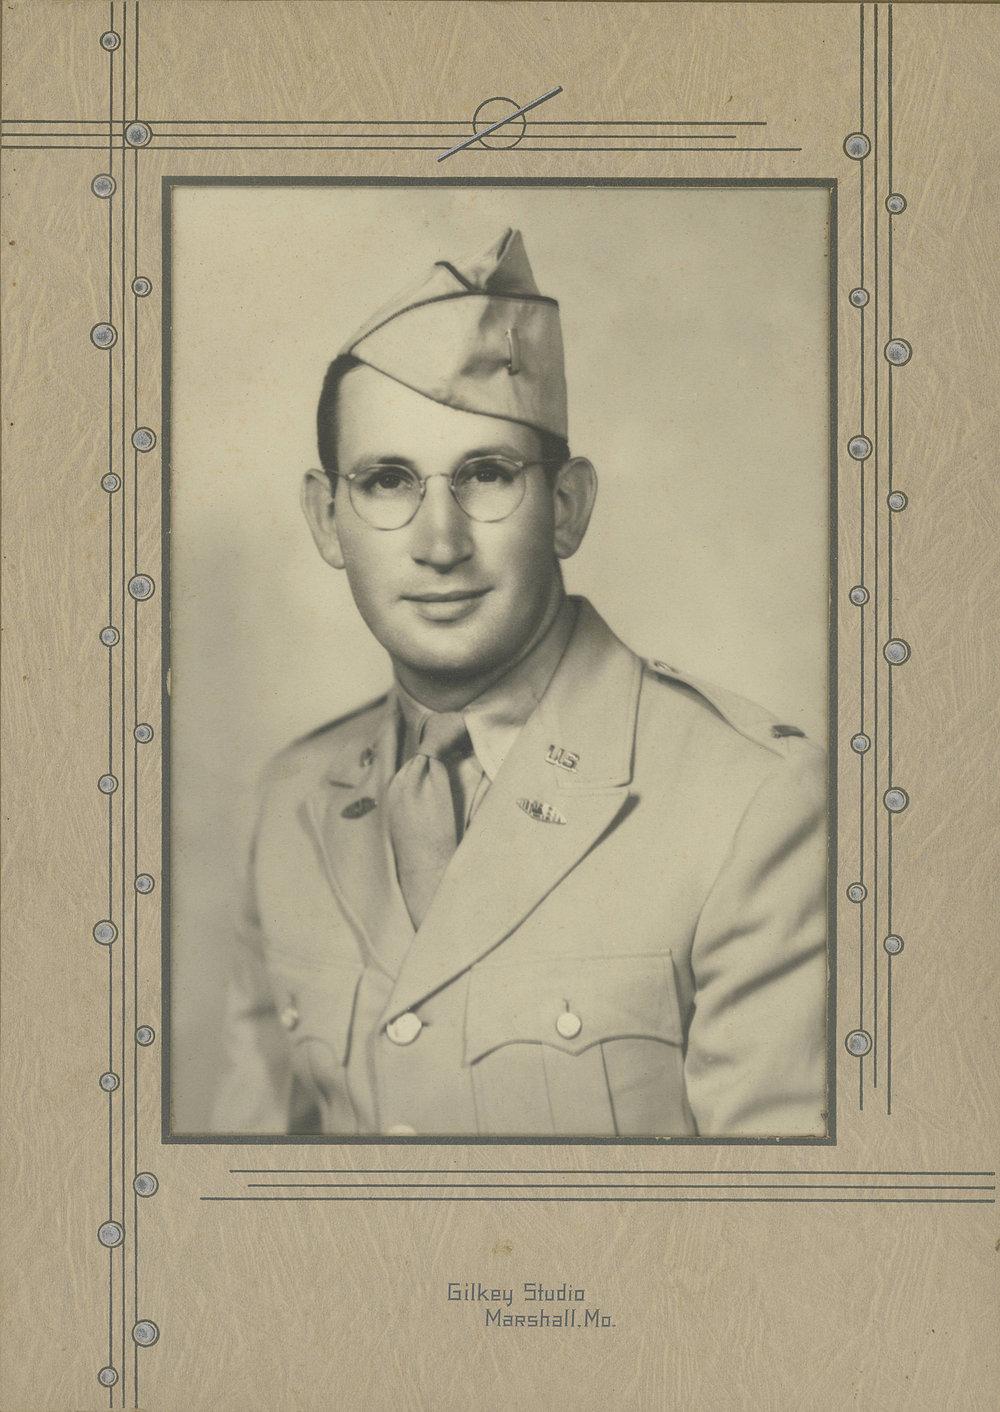 William R. Kirby, United States Army, World War II